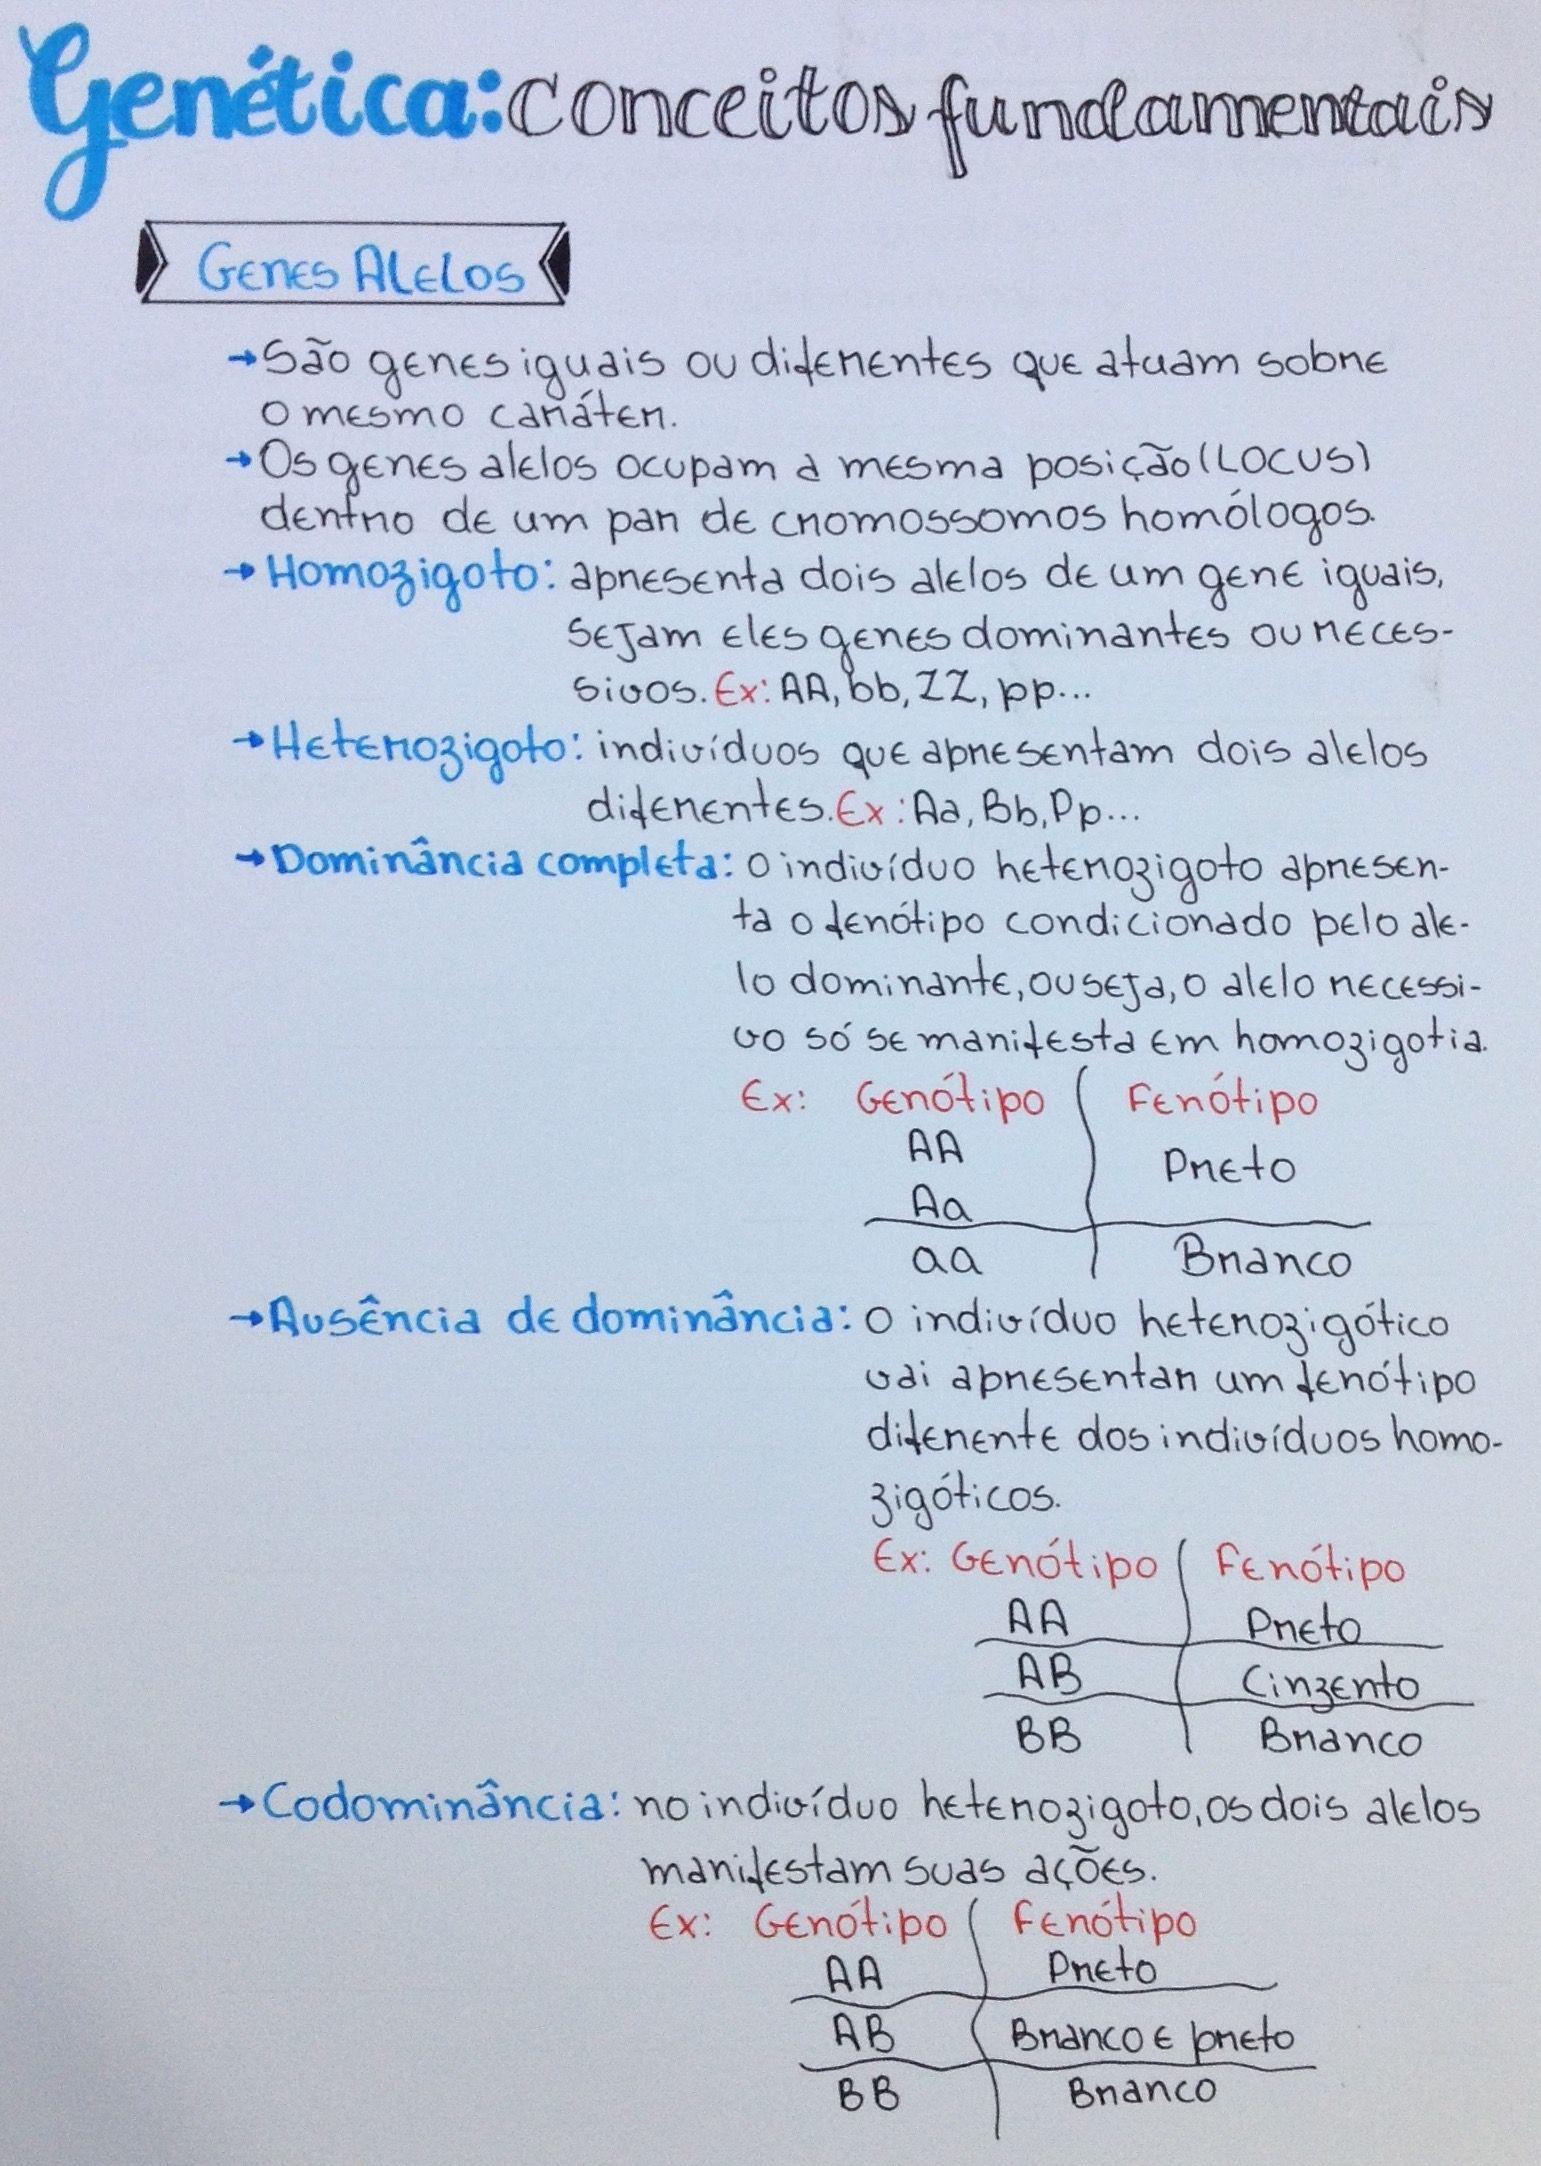 Pin De Maryah Cunha Em Eѕtydo Estudos Para O Enem Genetica